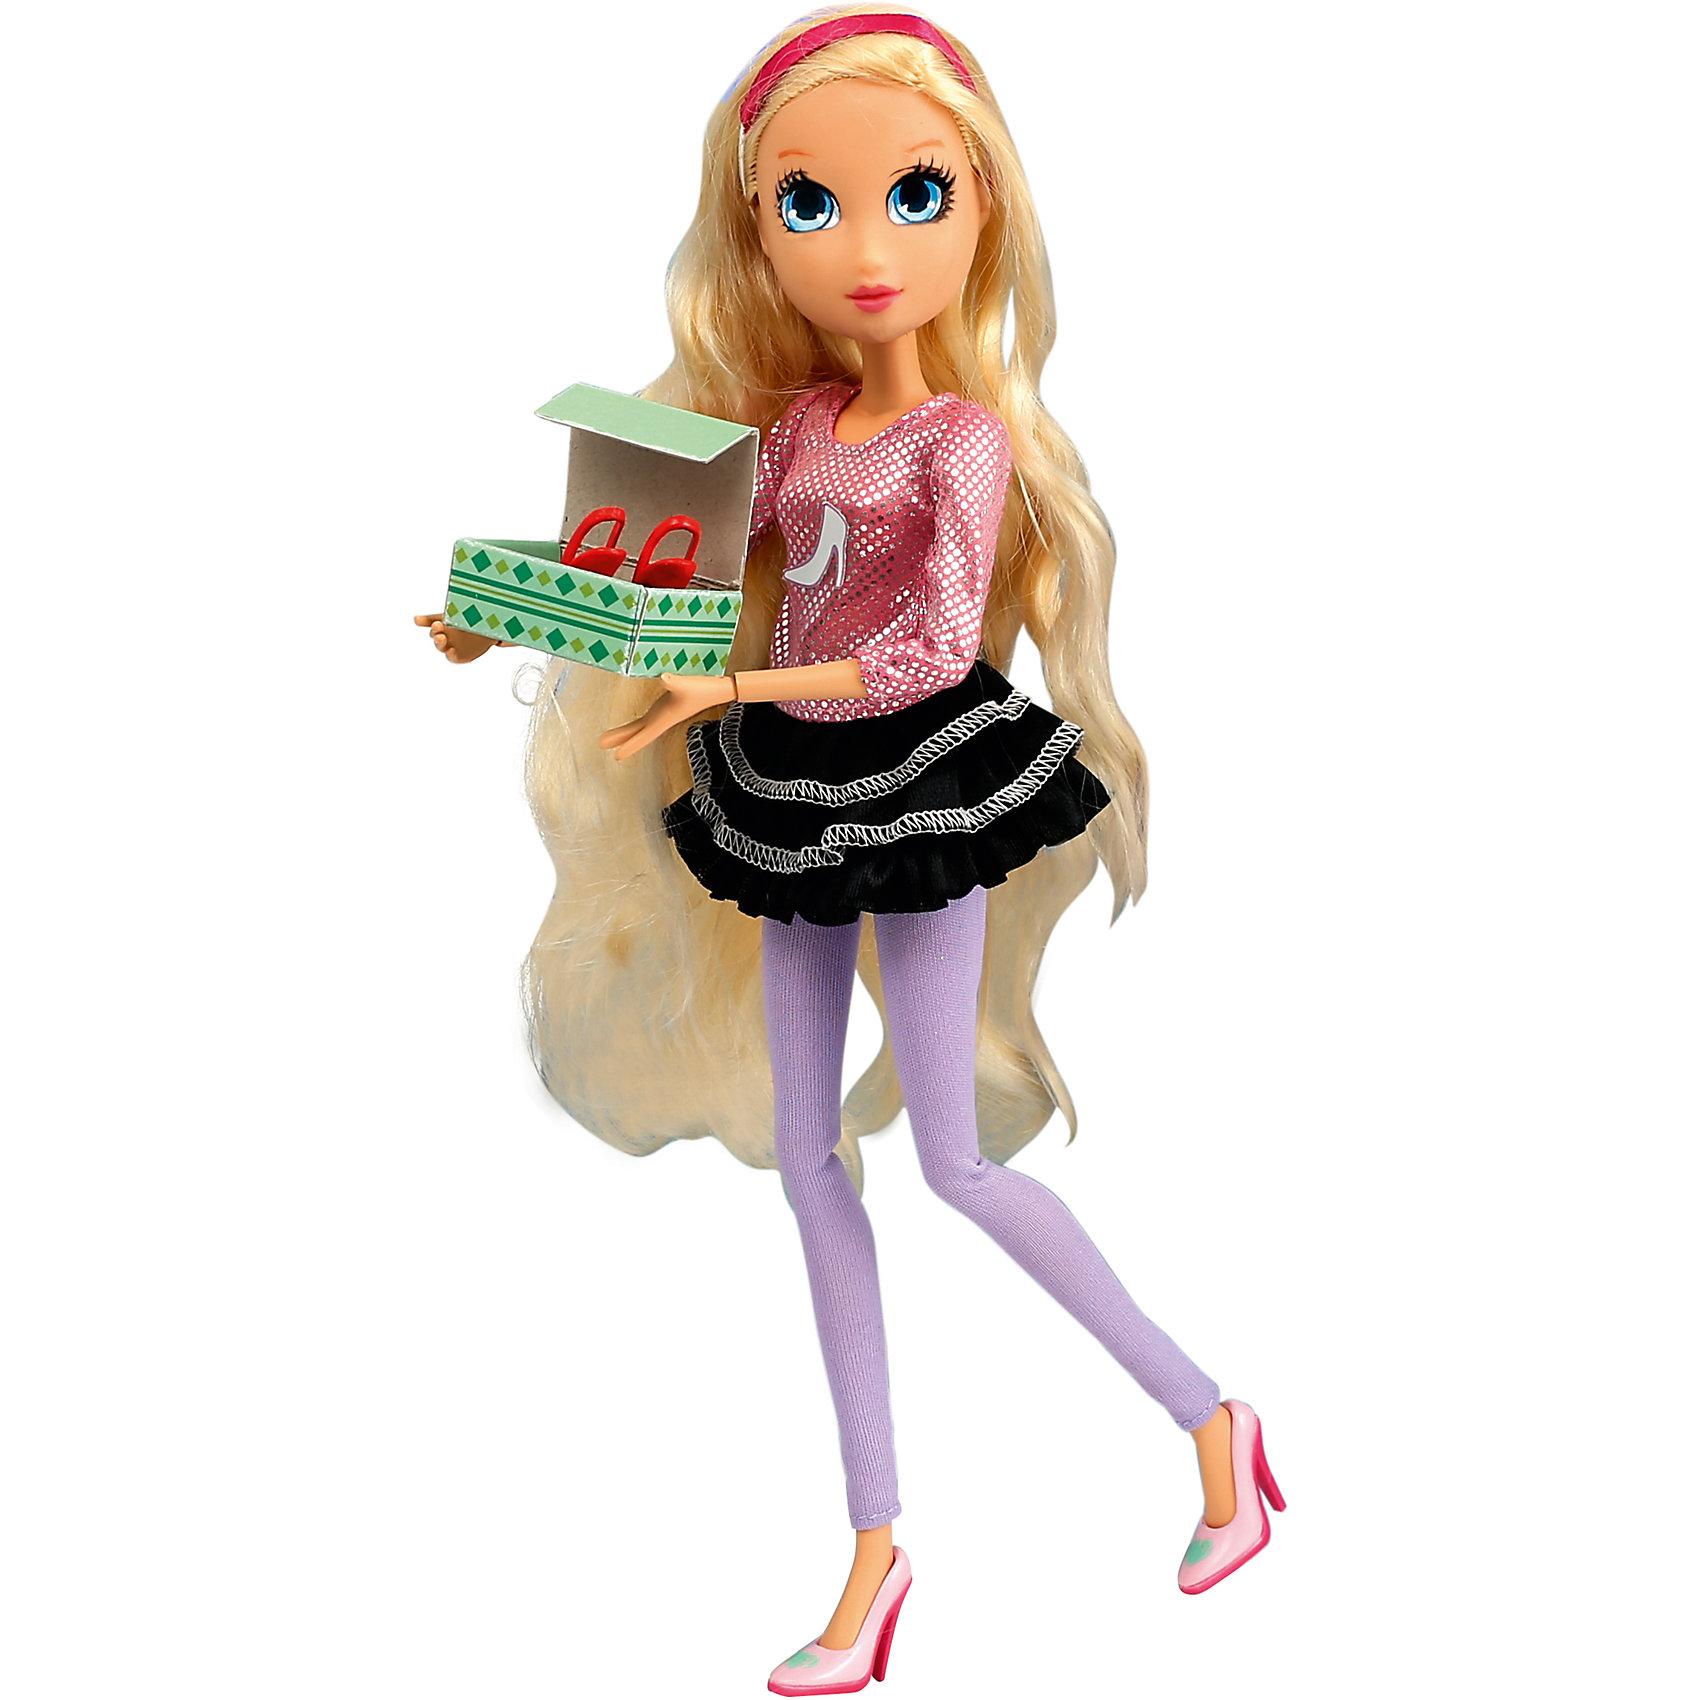 Игровой набор Обувной бутик, Королевская академияКоролевская академия<br>Игровой набор Обувной бути, Королевская академия<br><br>Характеристики:<br><br>• всё необходимое для увлекательного шопинга<br>• в комплекте: кукла, бутик, платье, туфли, пакеты, коробки, пуфик<br>• материал: пластик, текстиль<br>• высота куклы: 29 см<br>• размер упаковки: 46х36х12 см<br>• вес: 1443 грамма<br><br>Роуз из Королевской Академии мечтает всегда выглядеть ослепительно. Как и положено настоящей королеве, девочка часто меняет обувь, придавая своим образам ещё больше элегантности и стиля. В обувной бутик входит всё необходимое для удобного шопинга: пуфик, коробки, полочки и пакеты - без этого не обойдётся ни одна покупка. Придумайте интересную игру с походом в магазин и помогите Роуз подобрать красивую обувь к своему наряду. Поклонницы Королевской Академии будут в восторге от такого подарка!<br><br>Игровой набор Обувной бутик, Королевская академия можно купить в нашем интернет-магазине.<br><br>Ширина мм: 120<br>Глубина мм: 360<br>Высота мм: 460<br>Вес г: 1443<br>Возраст от месяцев: 36<br>Возраст до месяцев: 2147483647<br>Пол: Женский<br>Возраст: Детский<br>SKU: 5397309